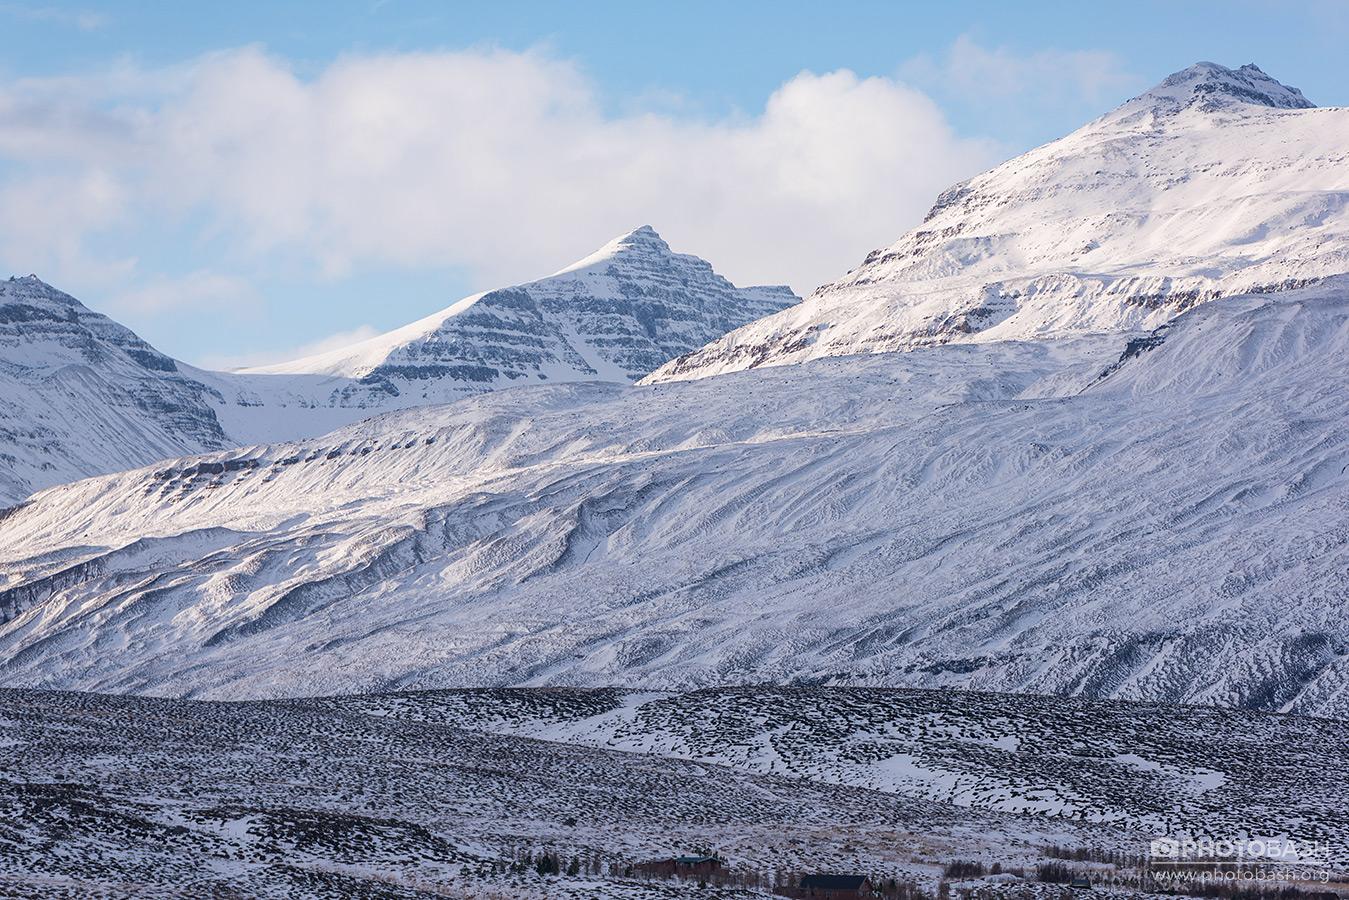 Snowy-Landscapes-Winter-Peak-Mountain.jpg